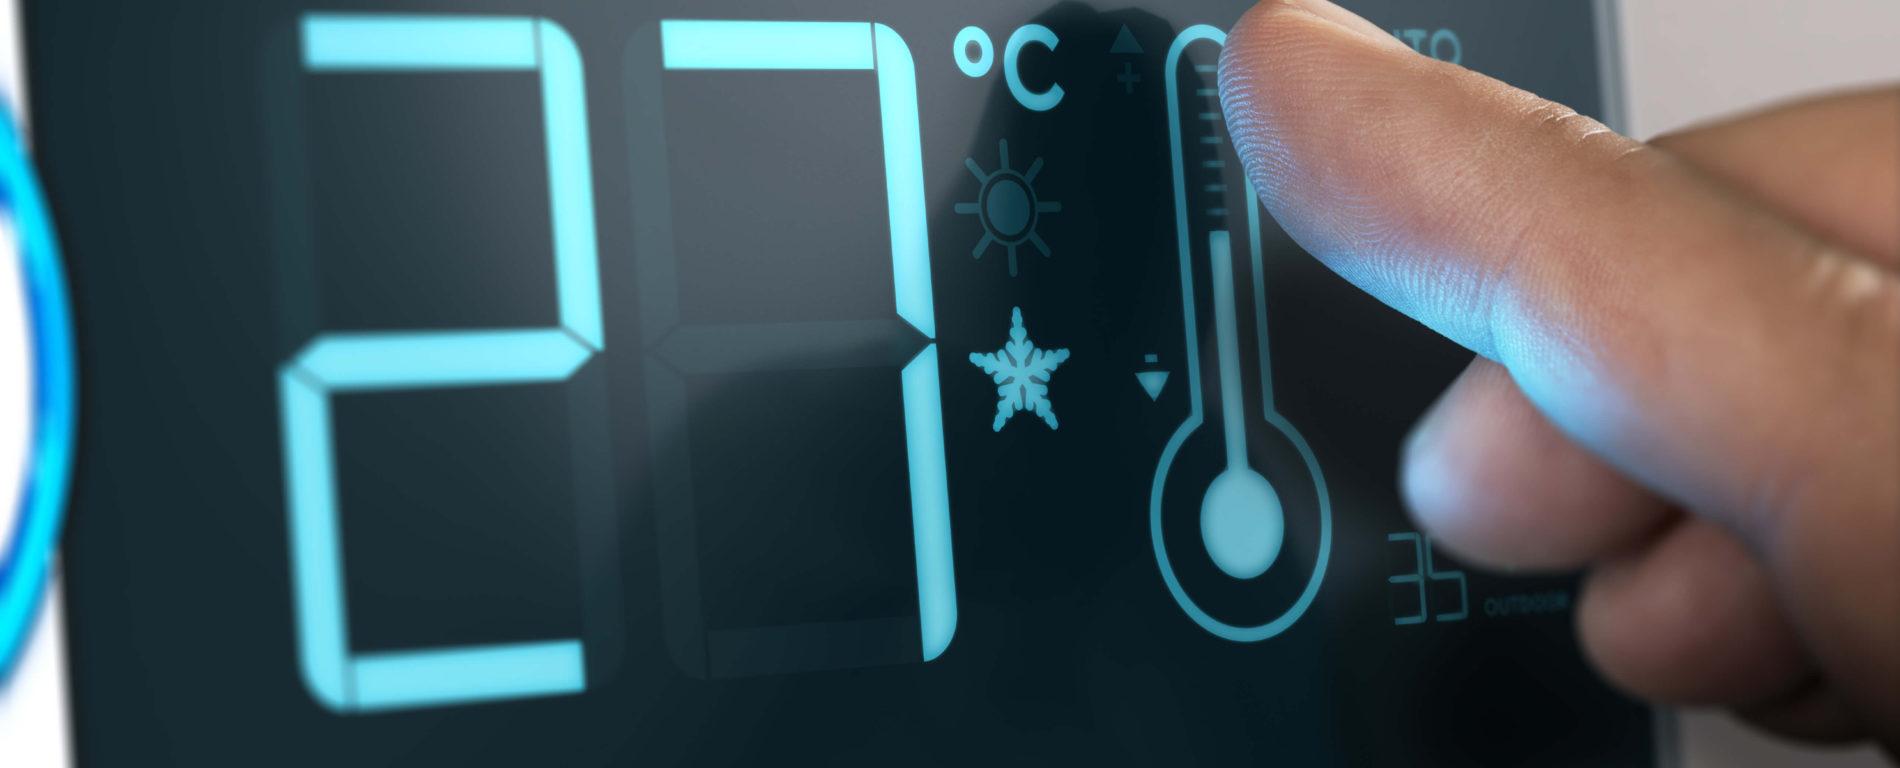 Accessoires, Régulation - chauffage, chaudière, pompe à chaleur, climatisation, VMC